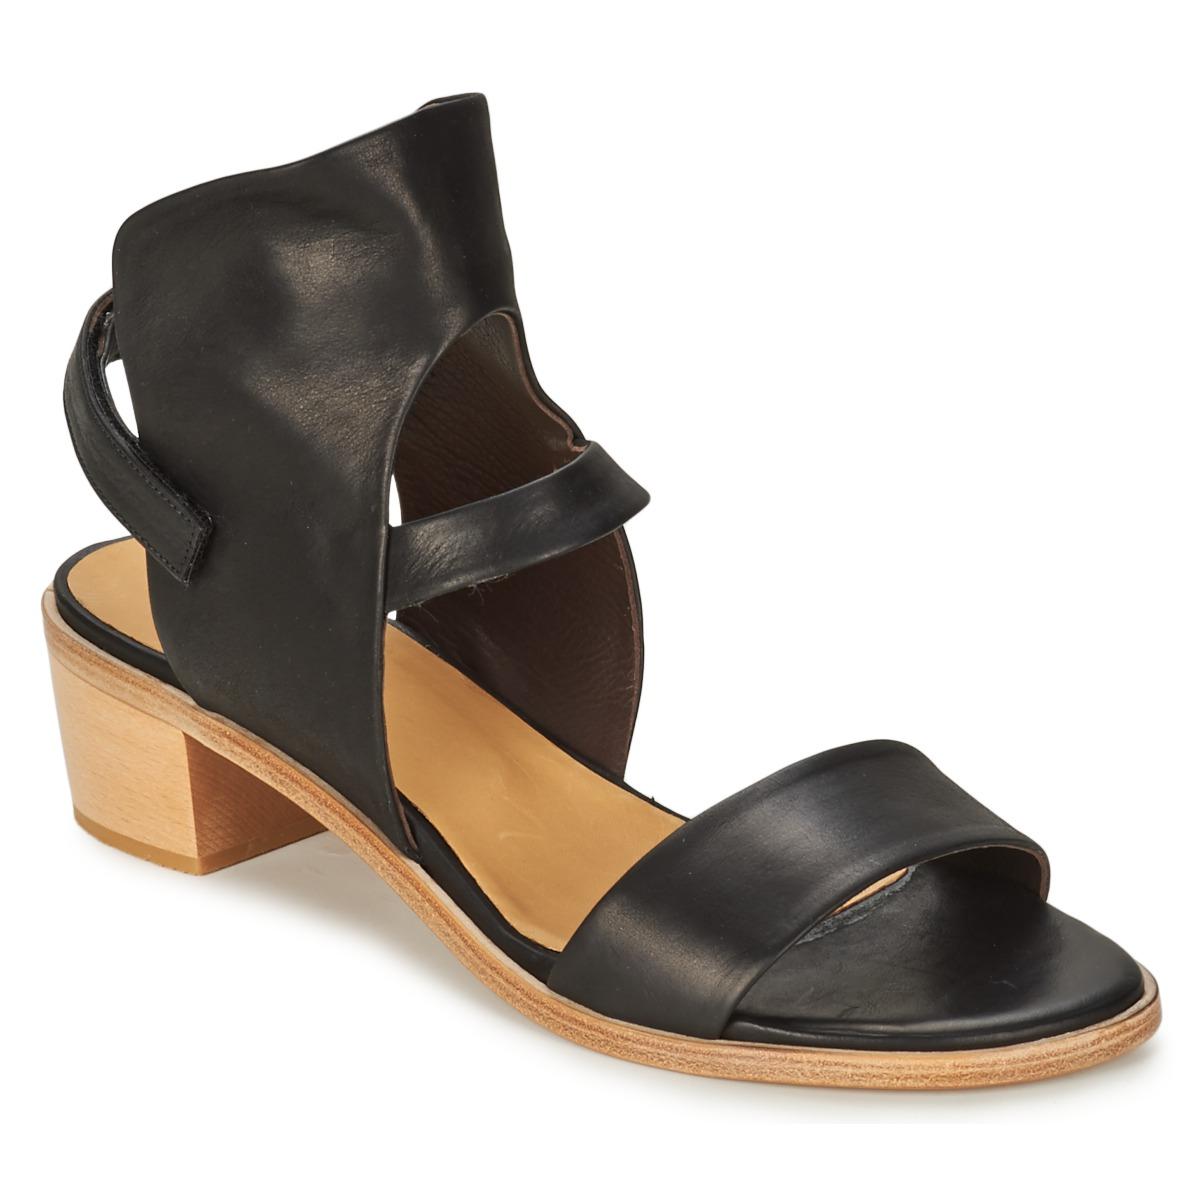 Coclico TYRION Noir - Livraison Gratuite avec  - Chaussures Sandale Femme